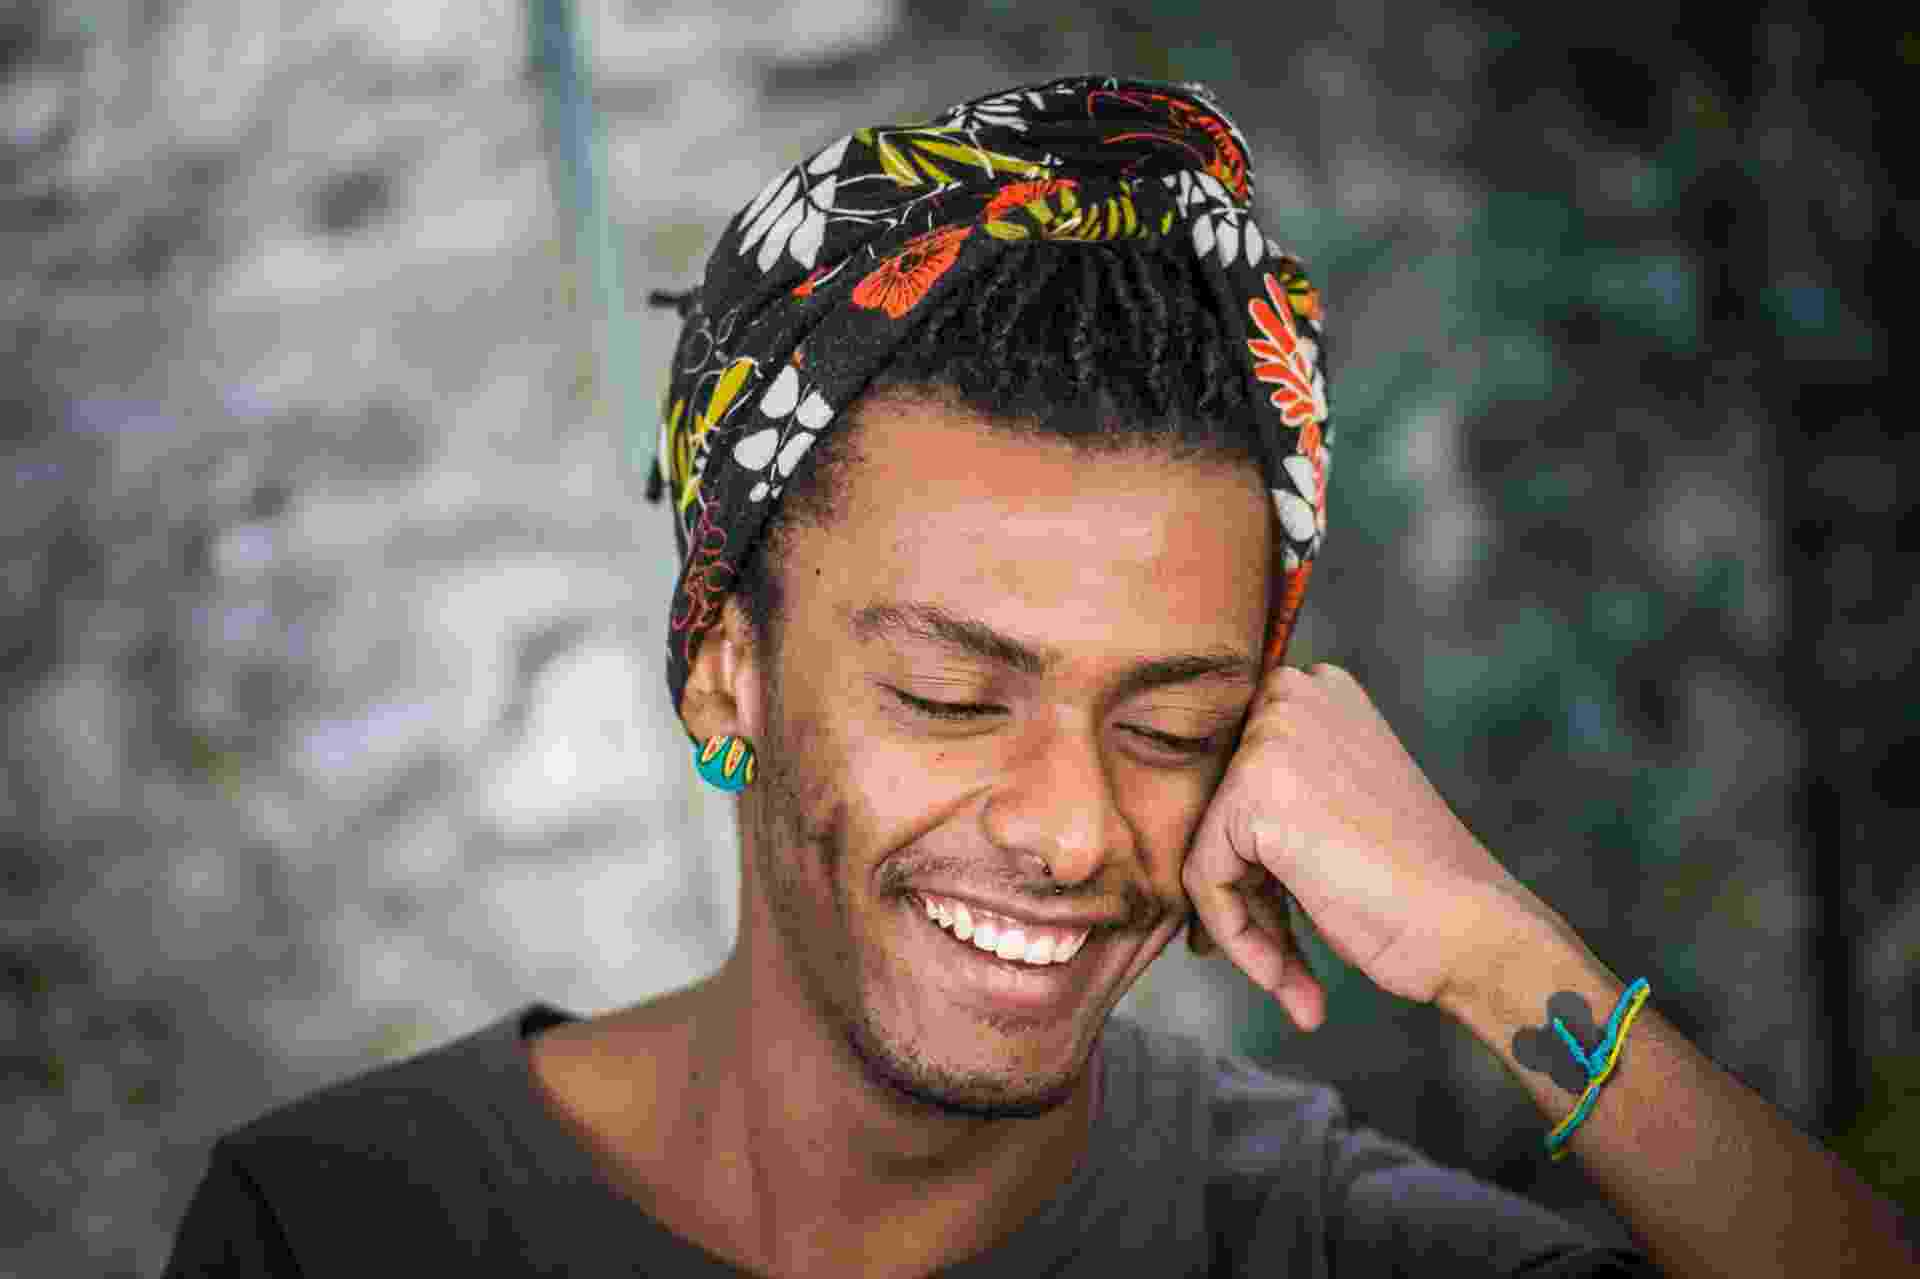 """Entrevista com o cantor Liniker, sobre o lançamento do novo álbum de trabalho """"Remonta"""" - Edson Lopes Jr./UOL"""